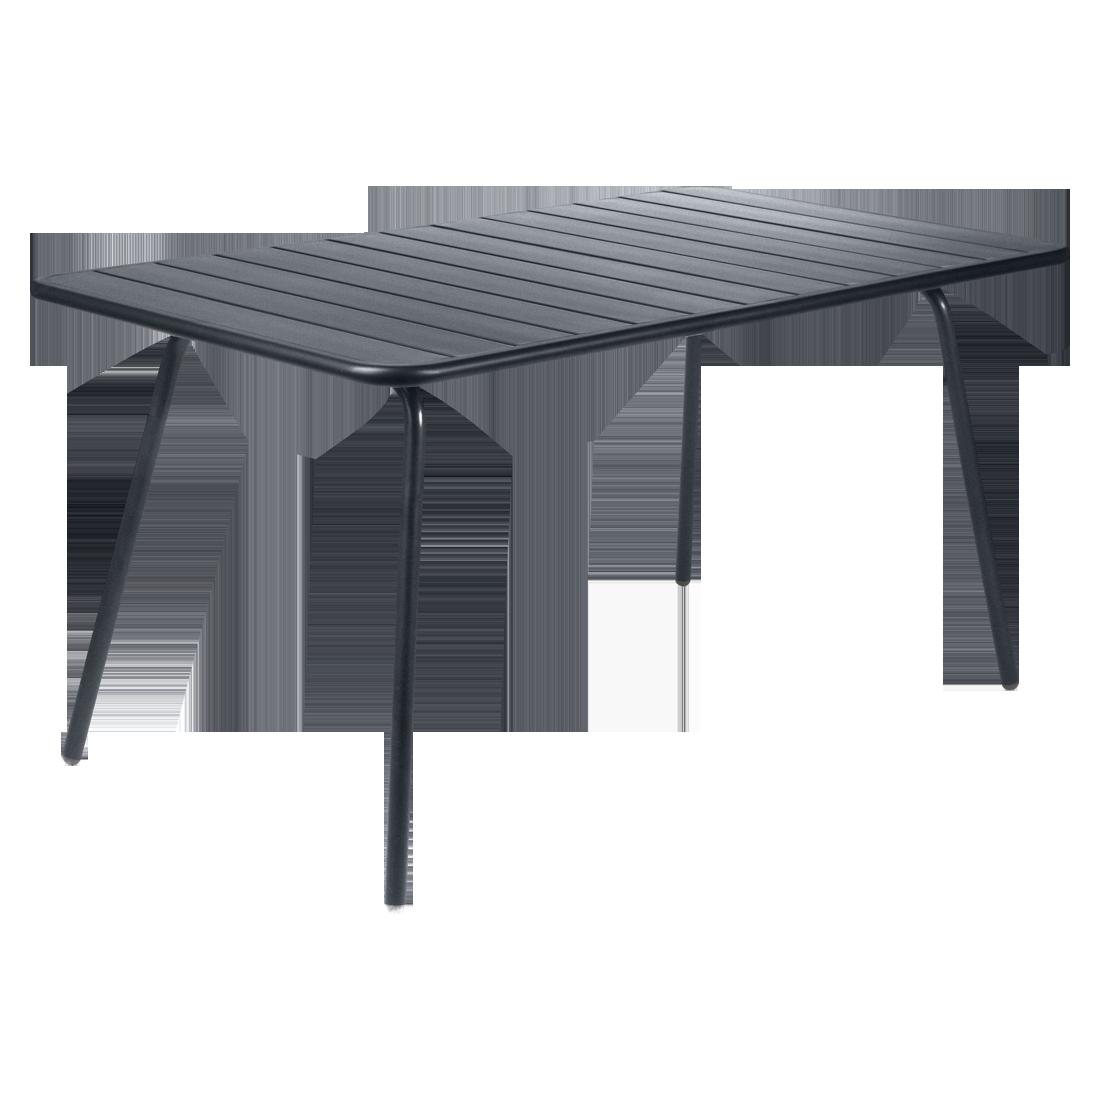 143x80 Cm Luxembourg Table Outdoor Metal Table Gartentisch Tisch Metalltische